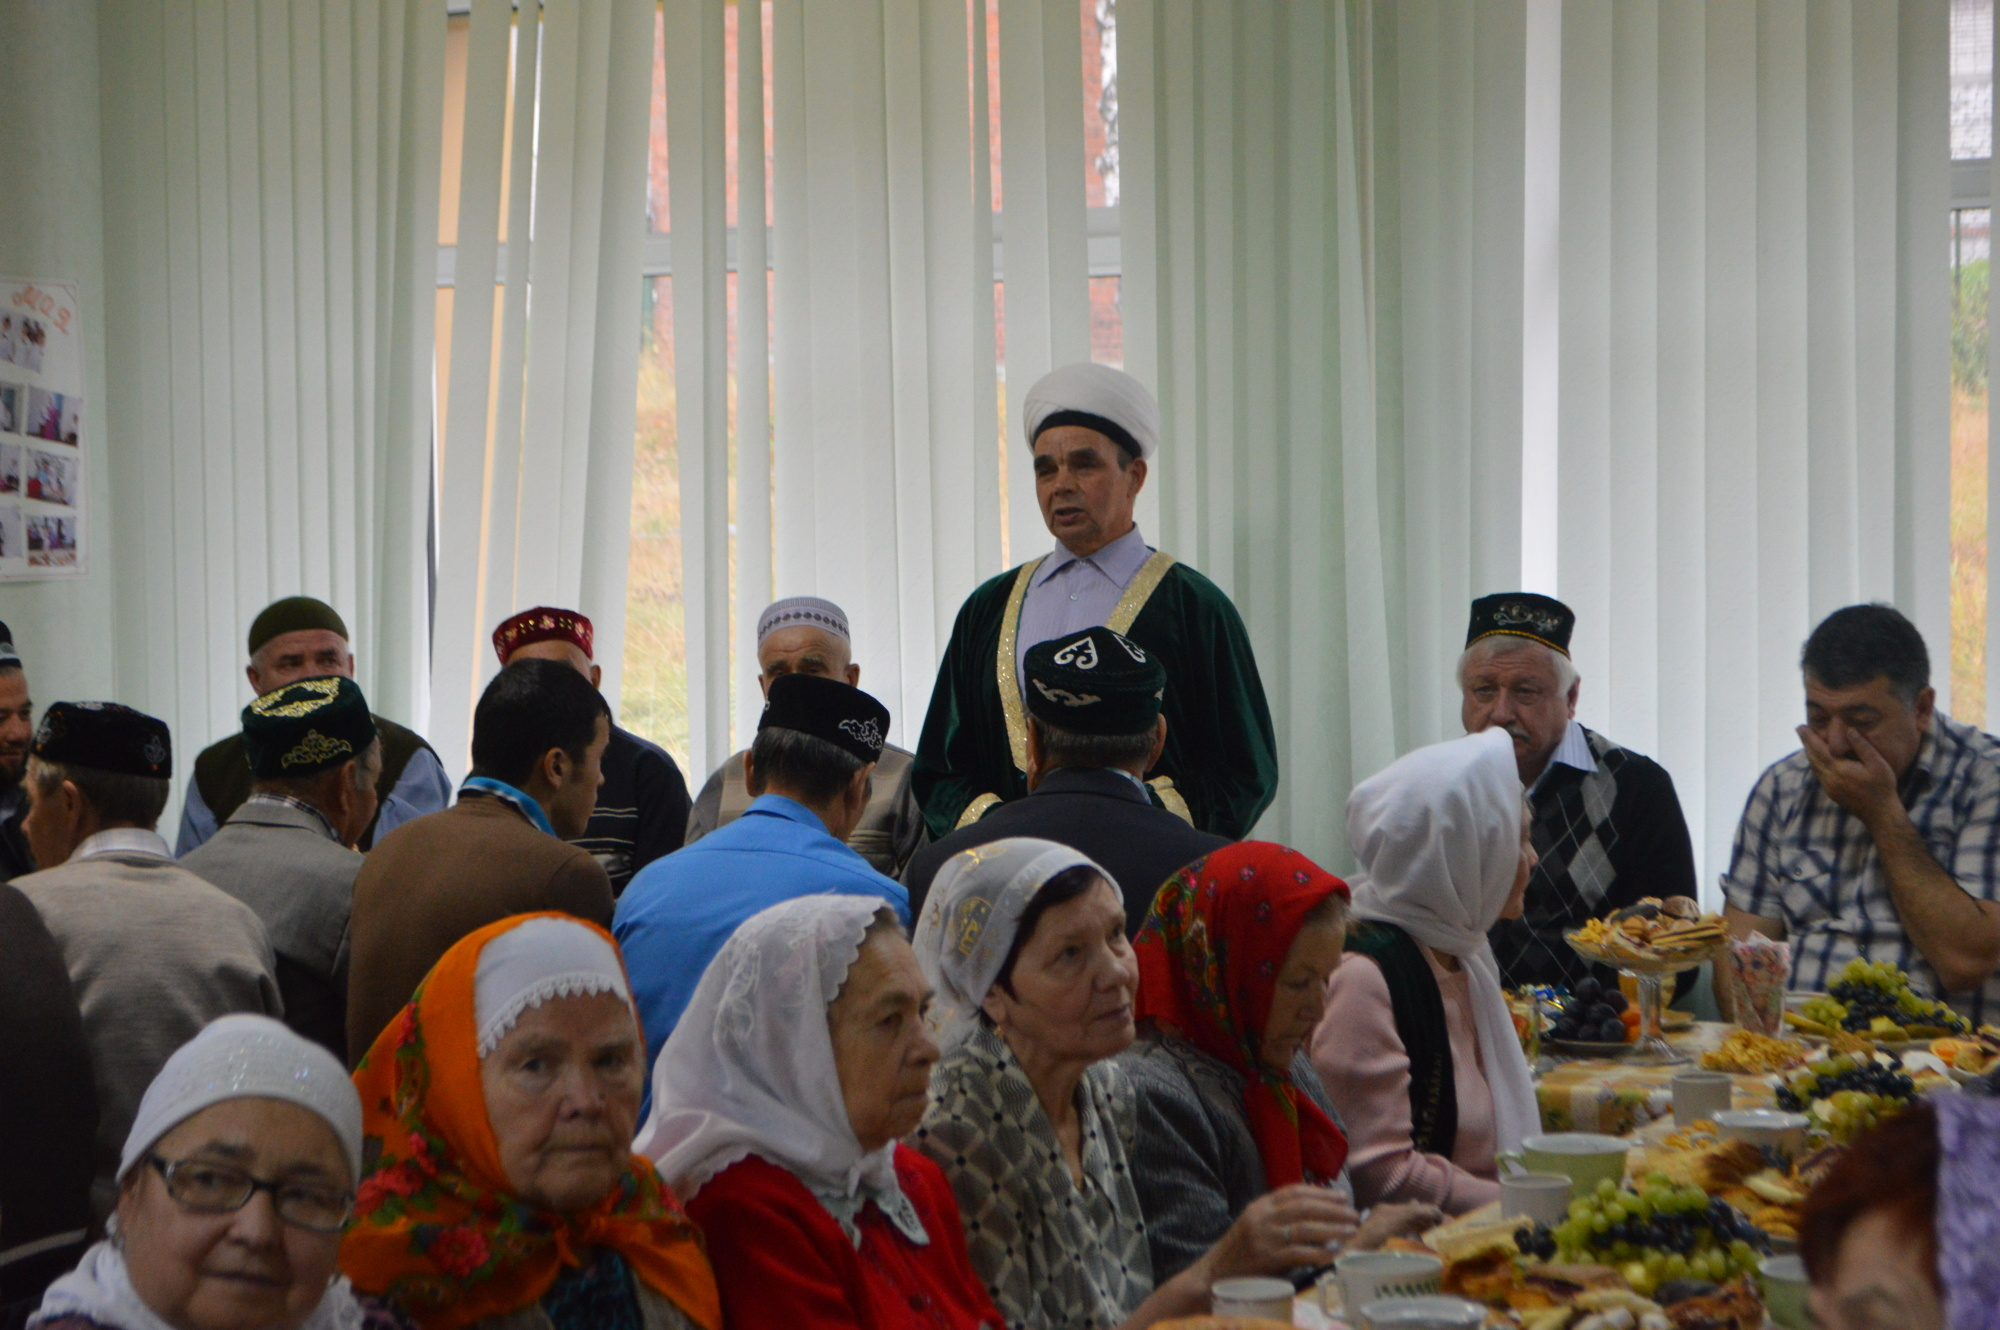 Мечеть в Качканаре. Празднование сабантуя в одном из помещений мечети Фото: Пушкарева Е.М.